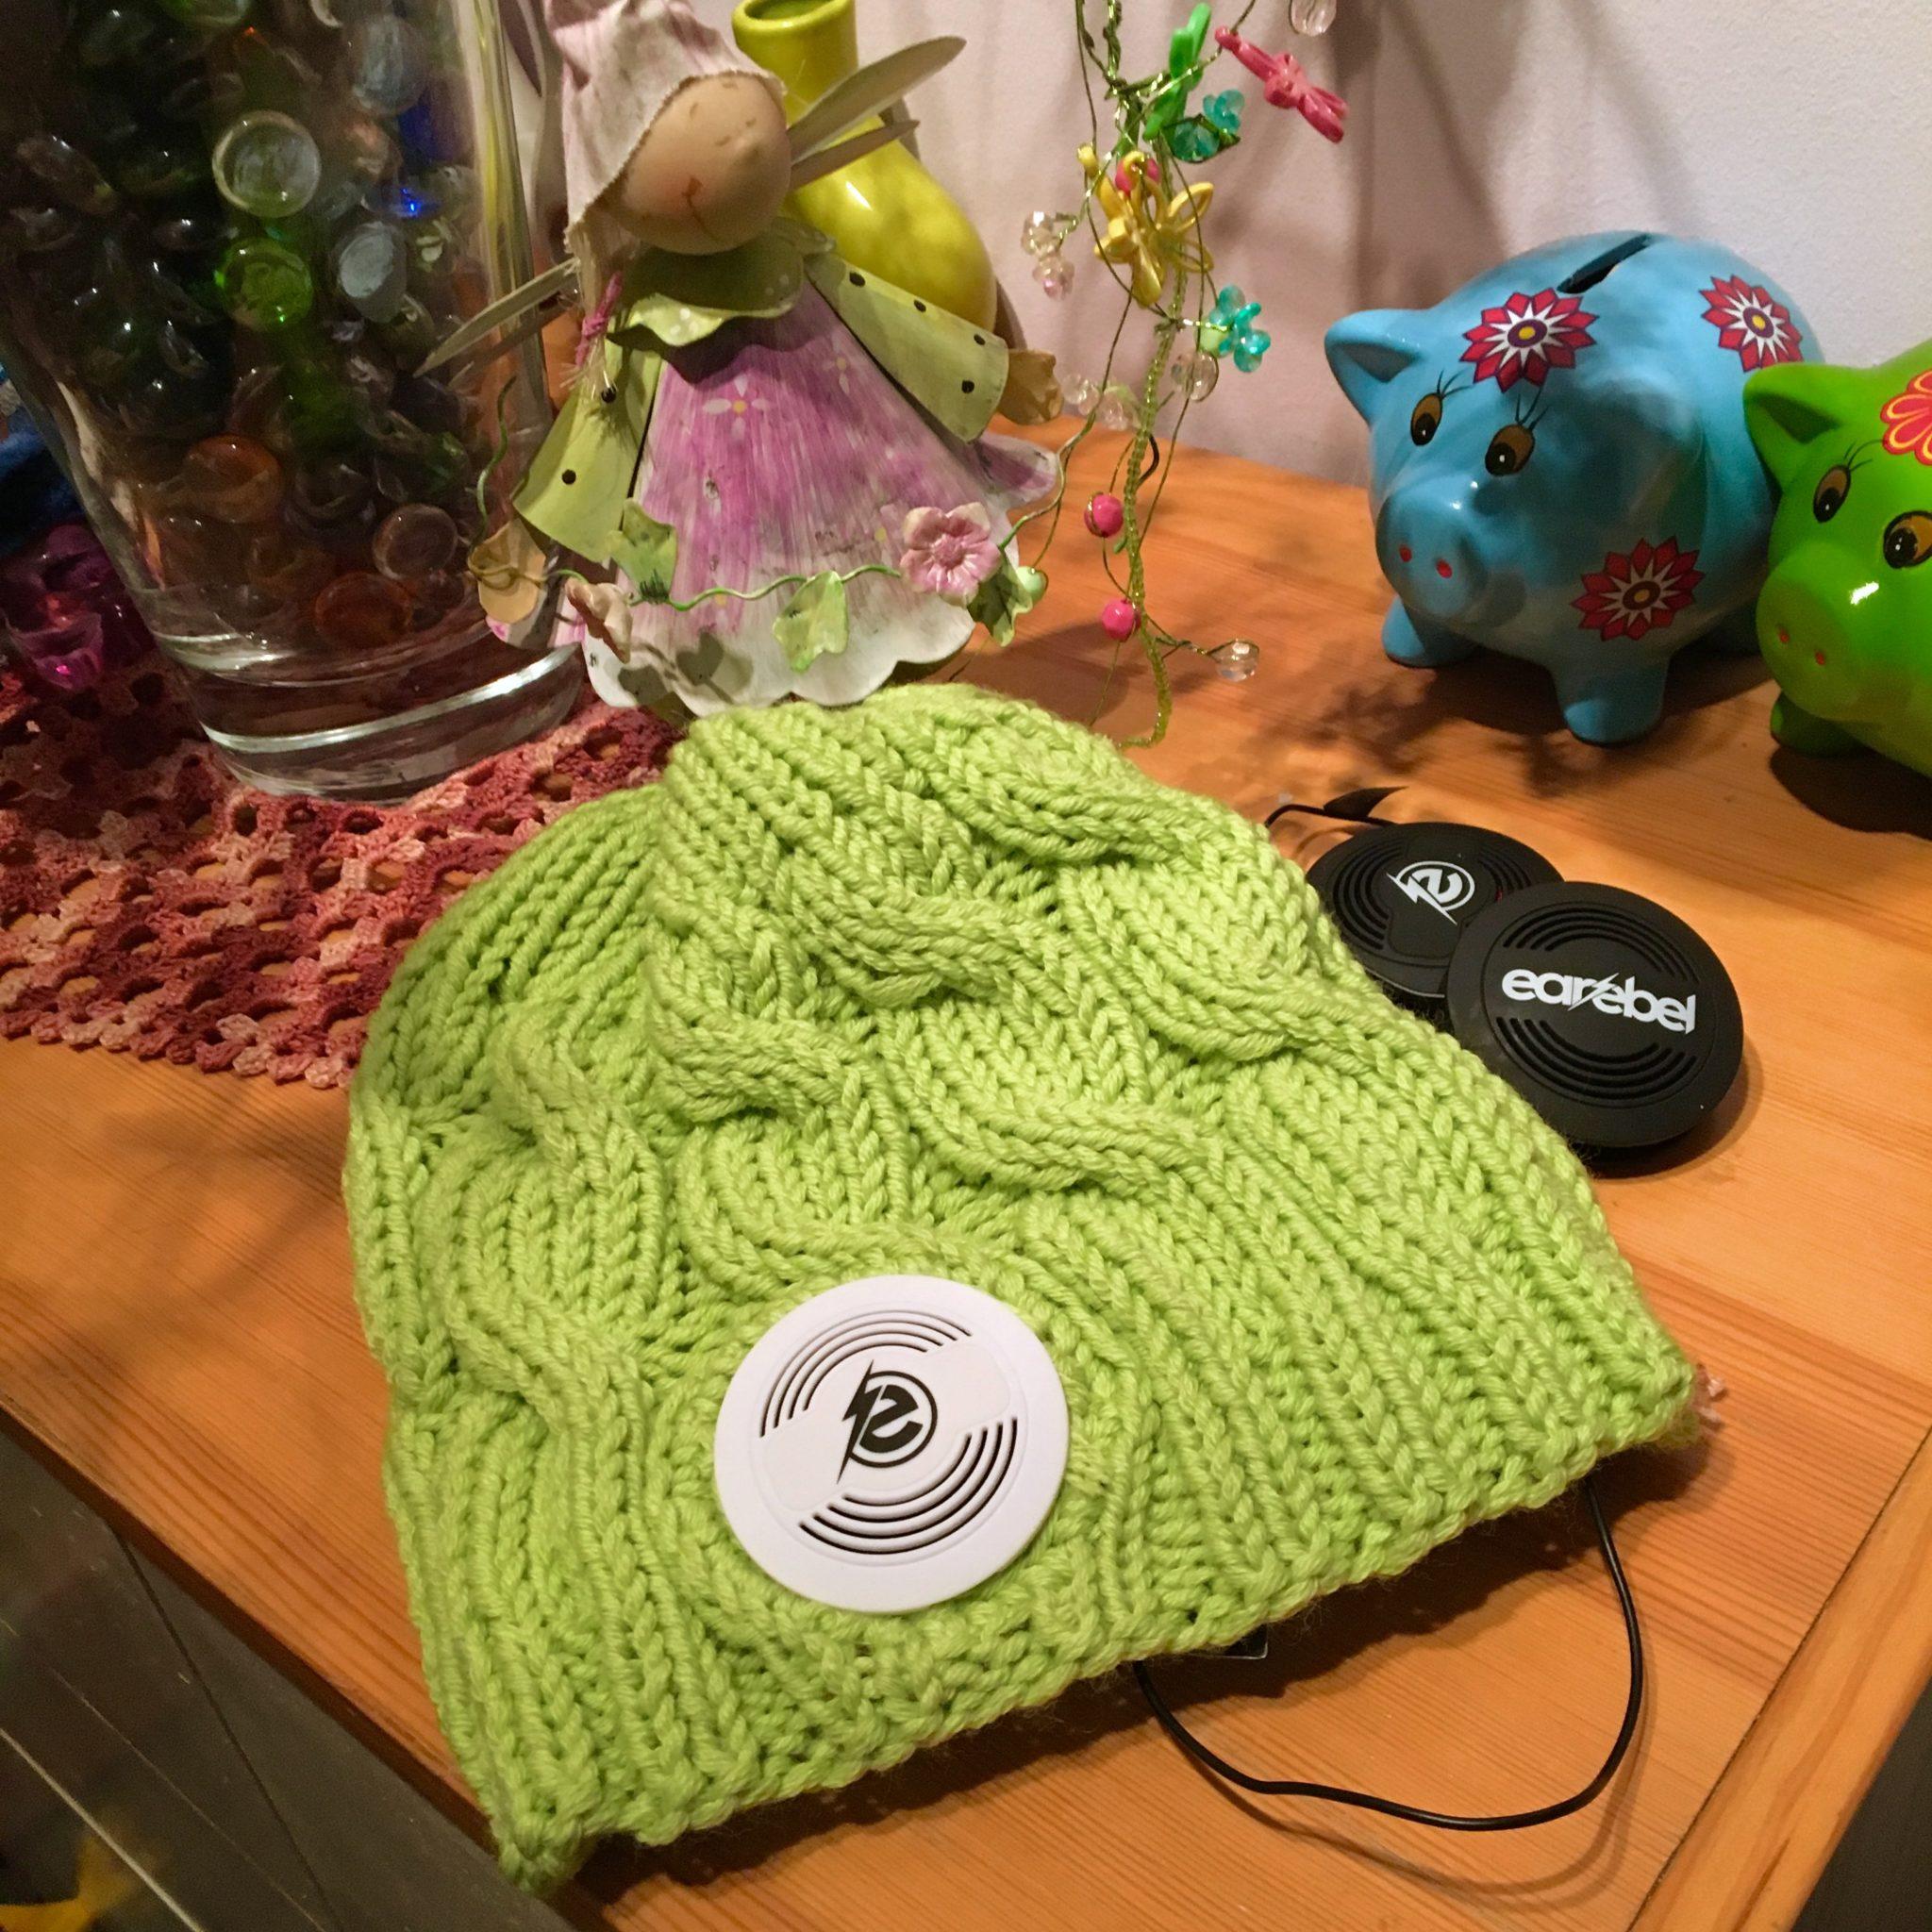 Strickblog Mütze Für Earebel Kopfhörer Selbst Stricken